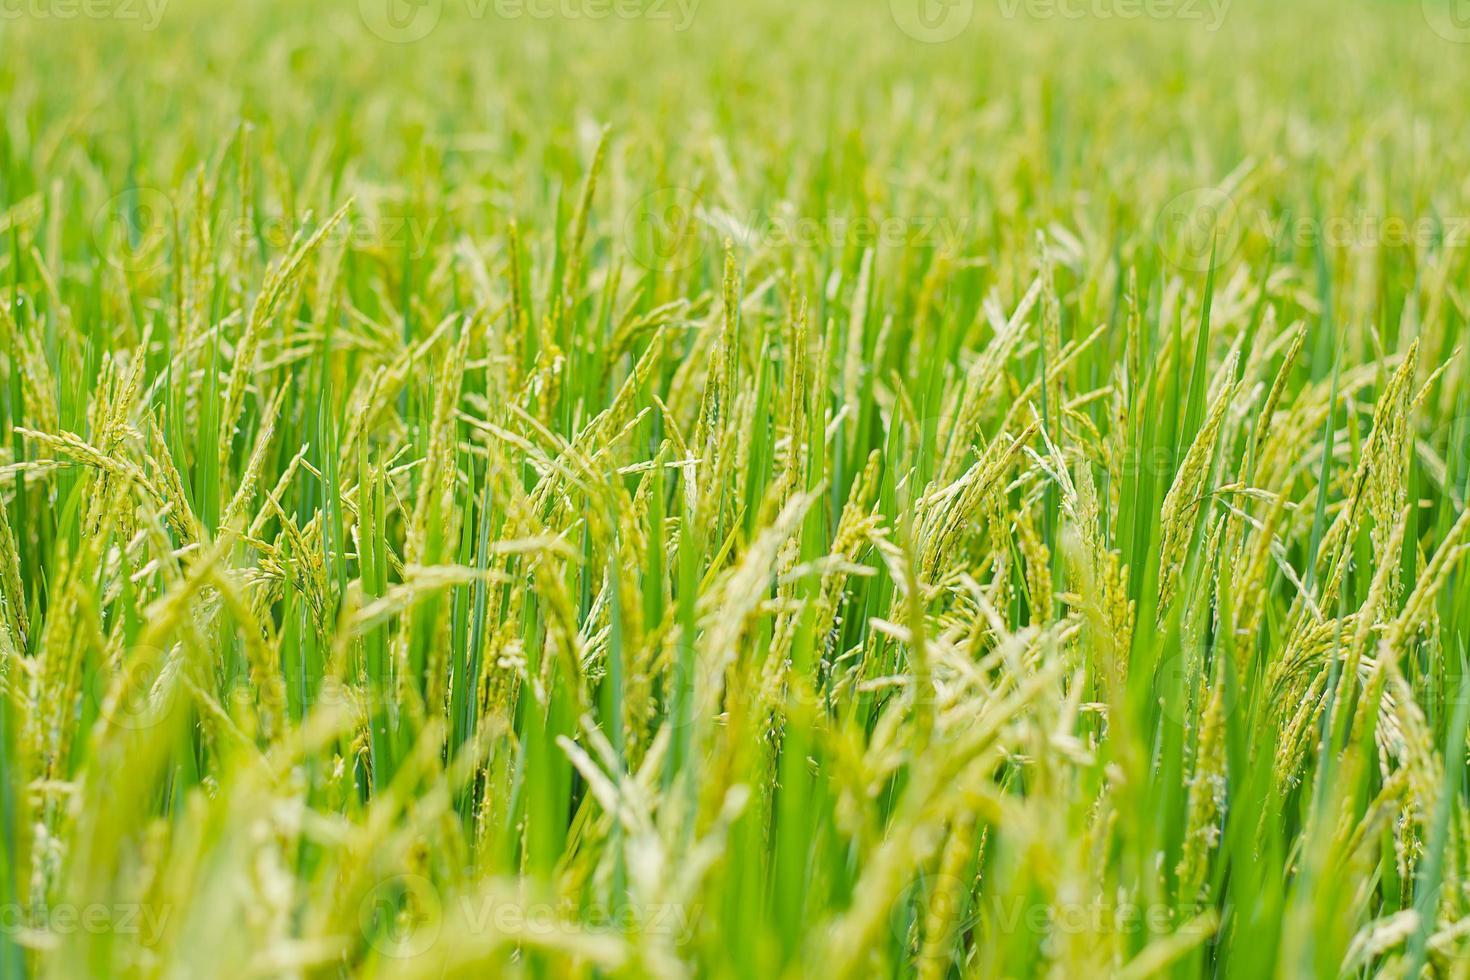 Planta de arroz en campo de arroz. foto